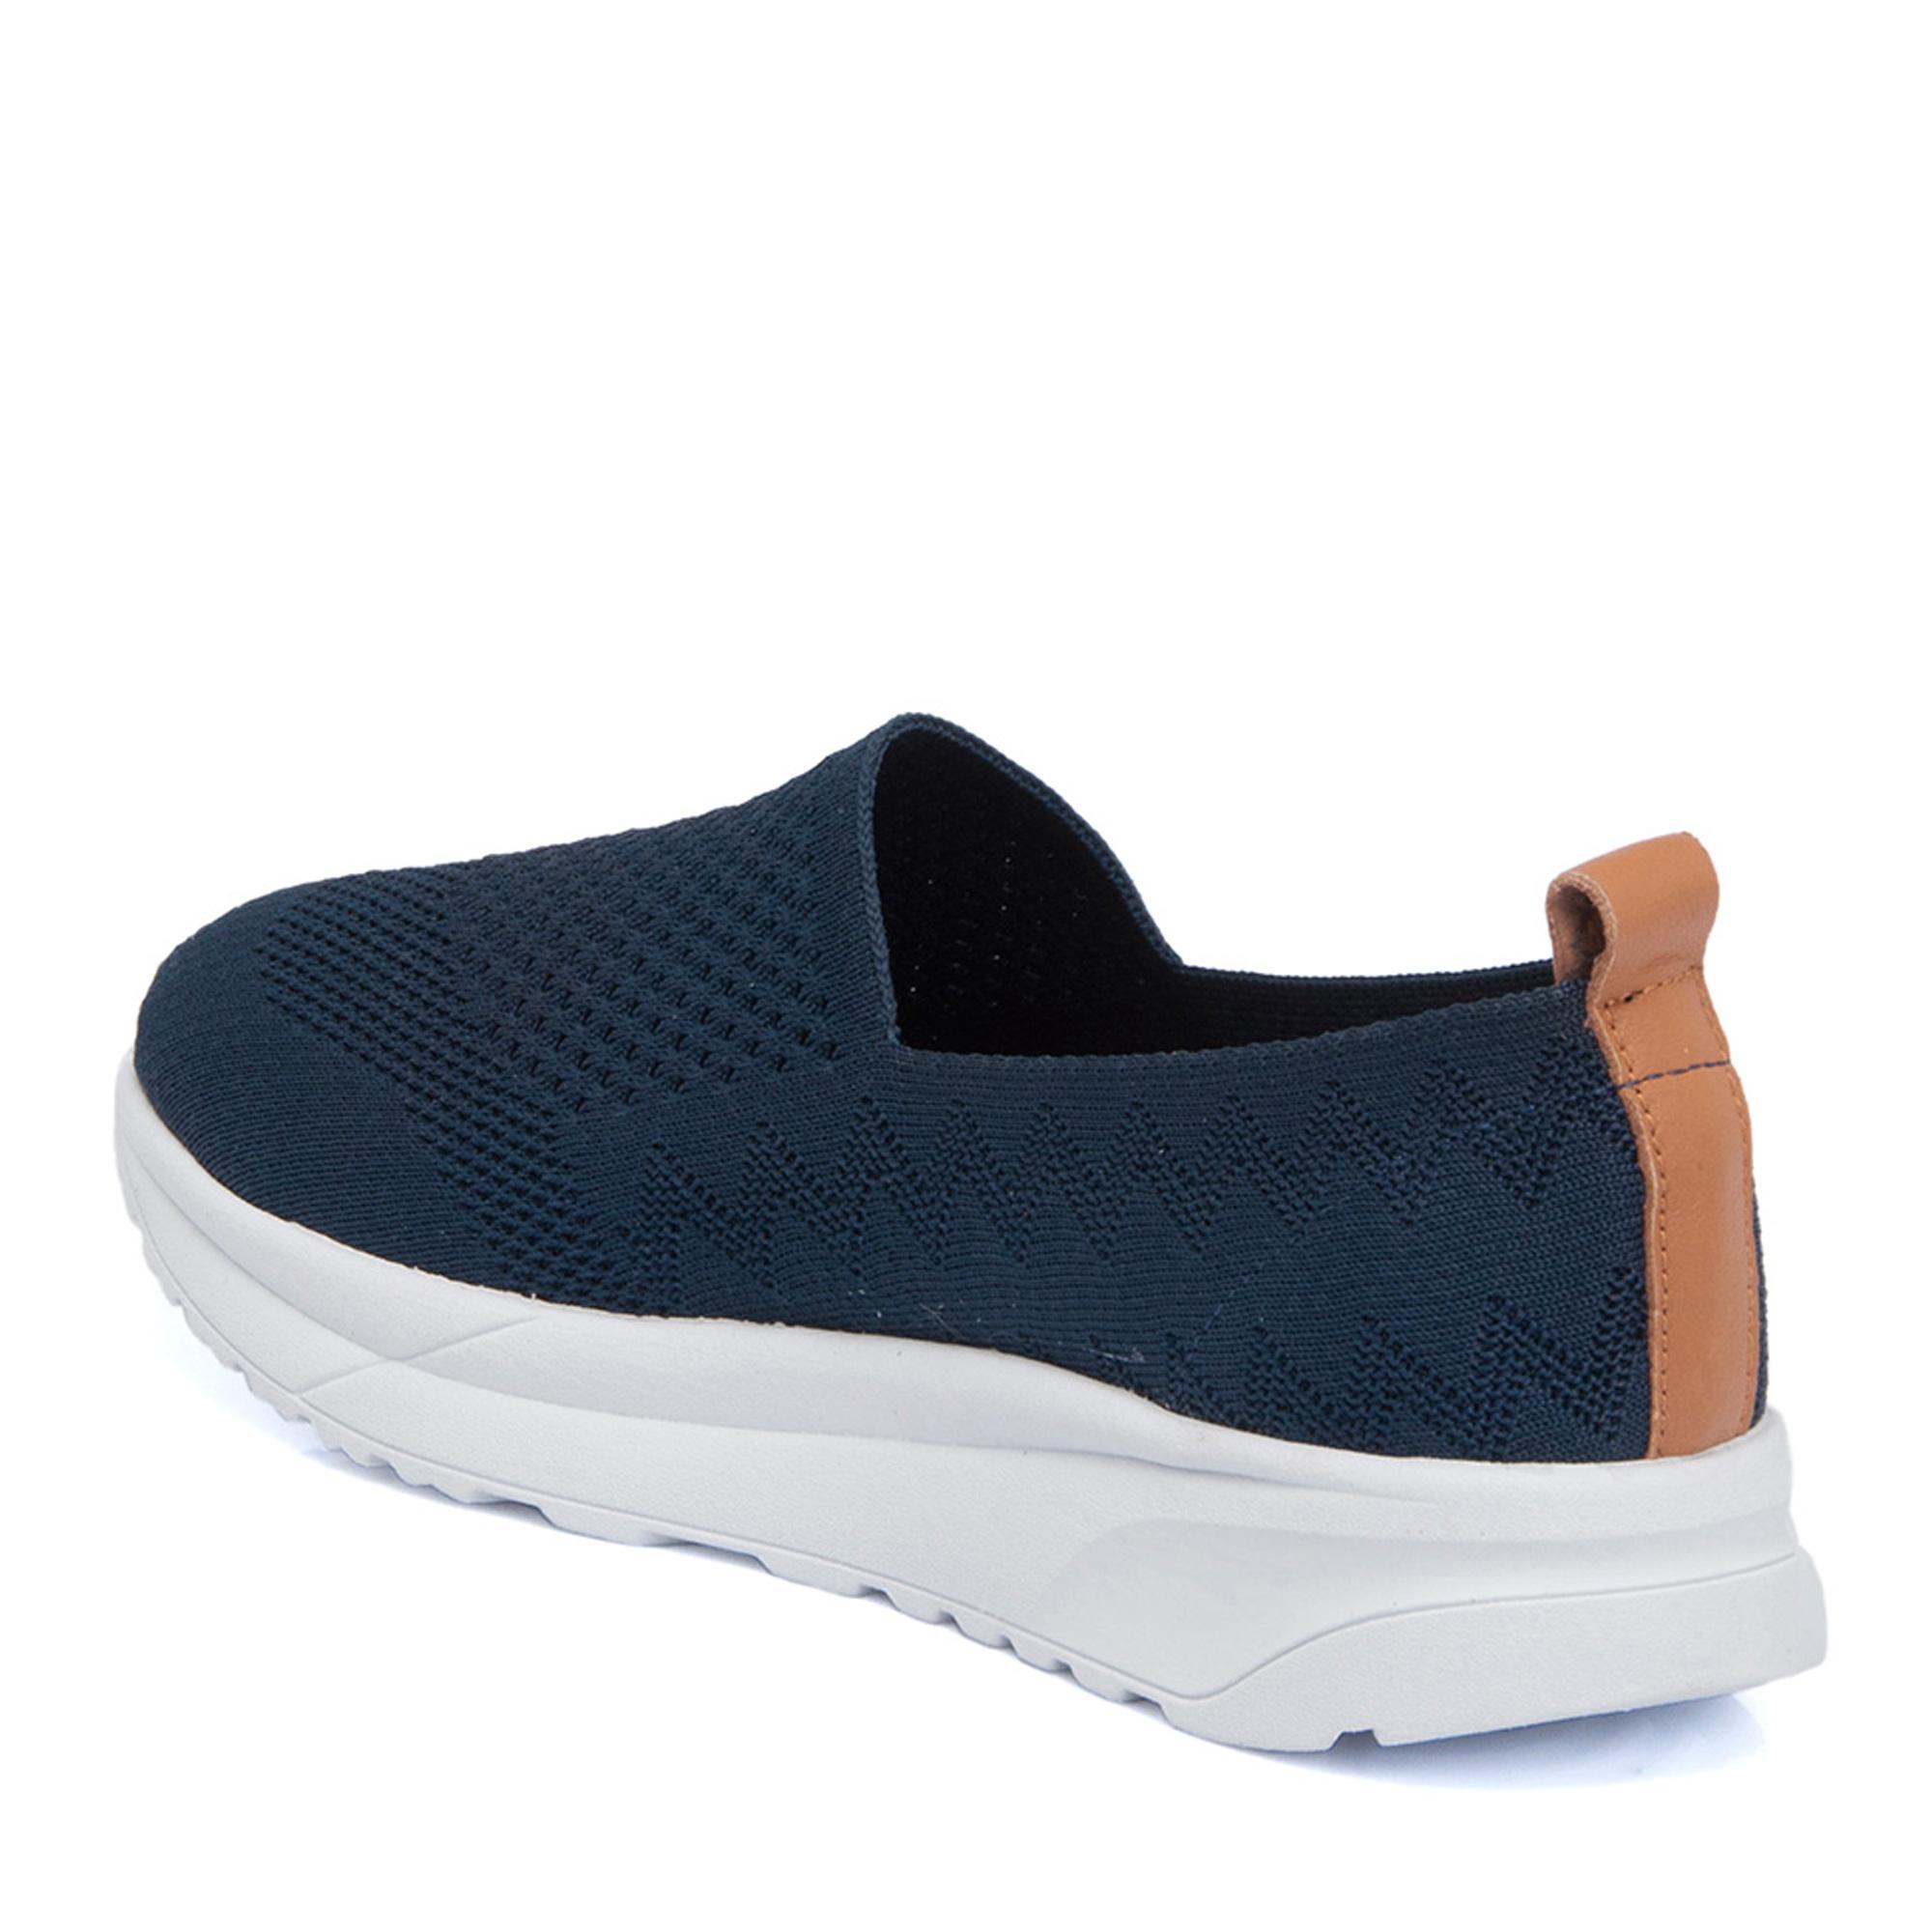 Lacivert Tekstil Kadın Ayakkabı 64389I49